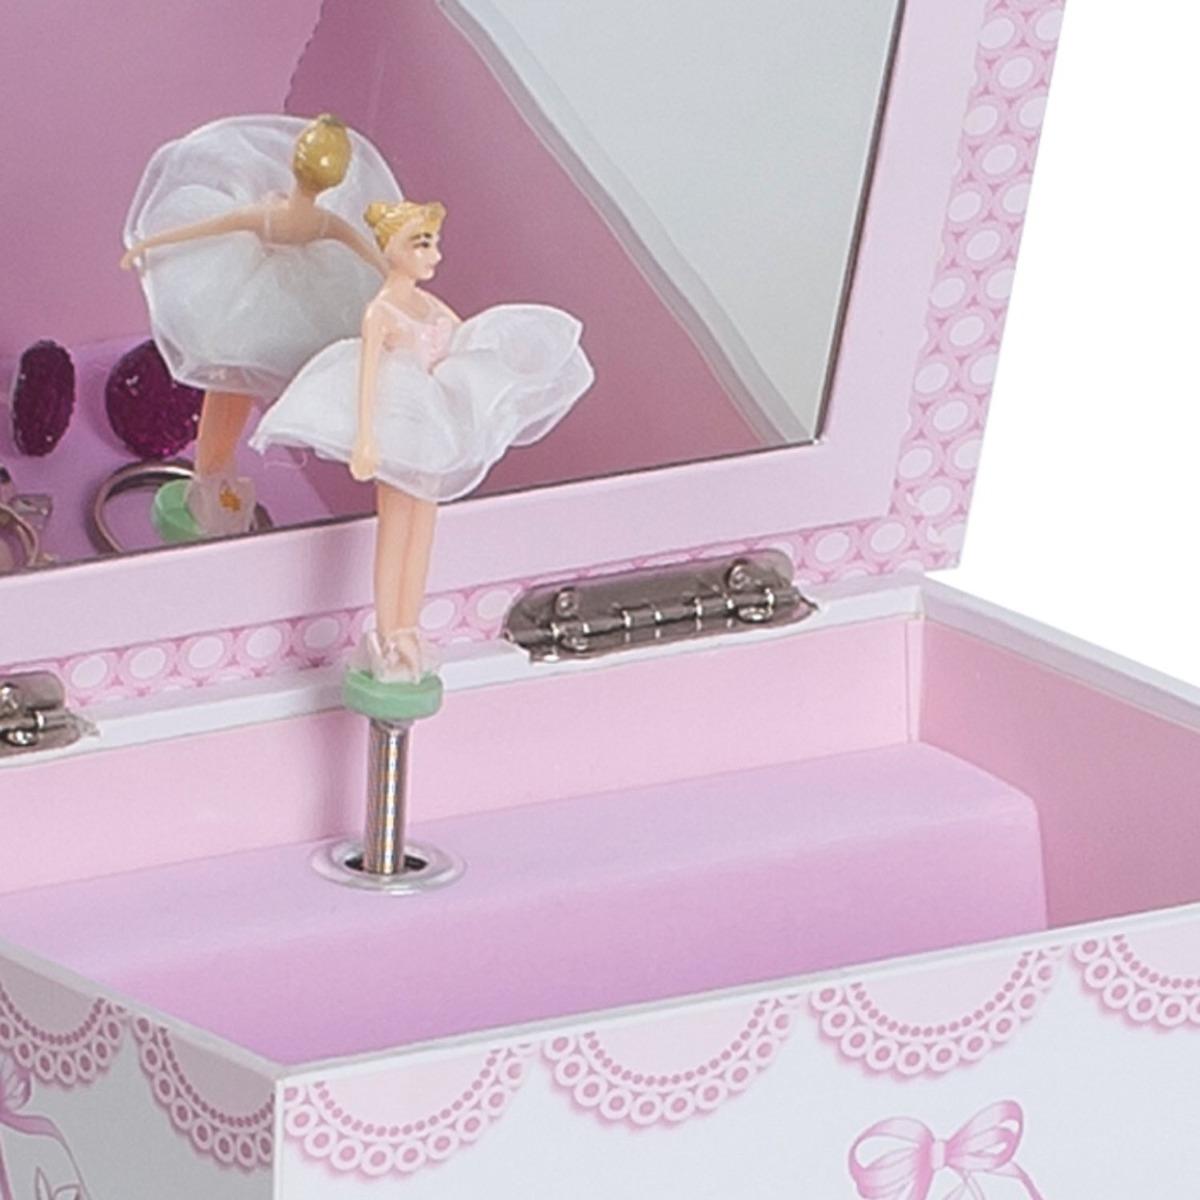 175c929b93de cajita joyero musical bailarina infantil niña organizador. Cargando zoom.